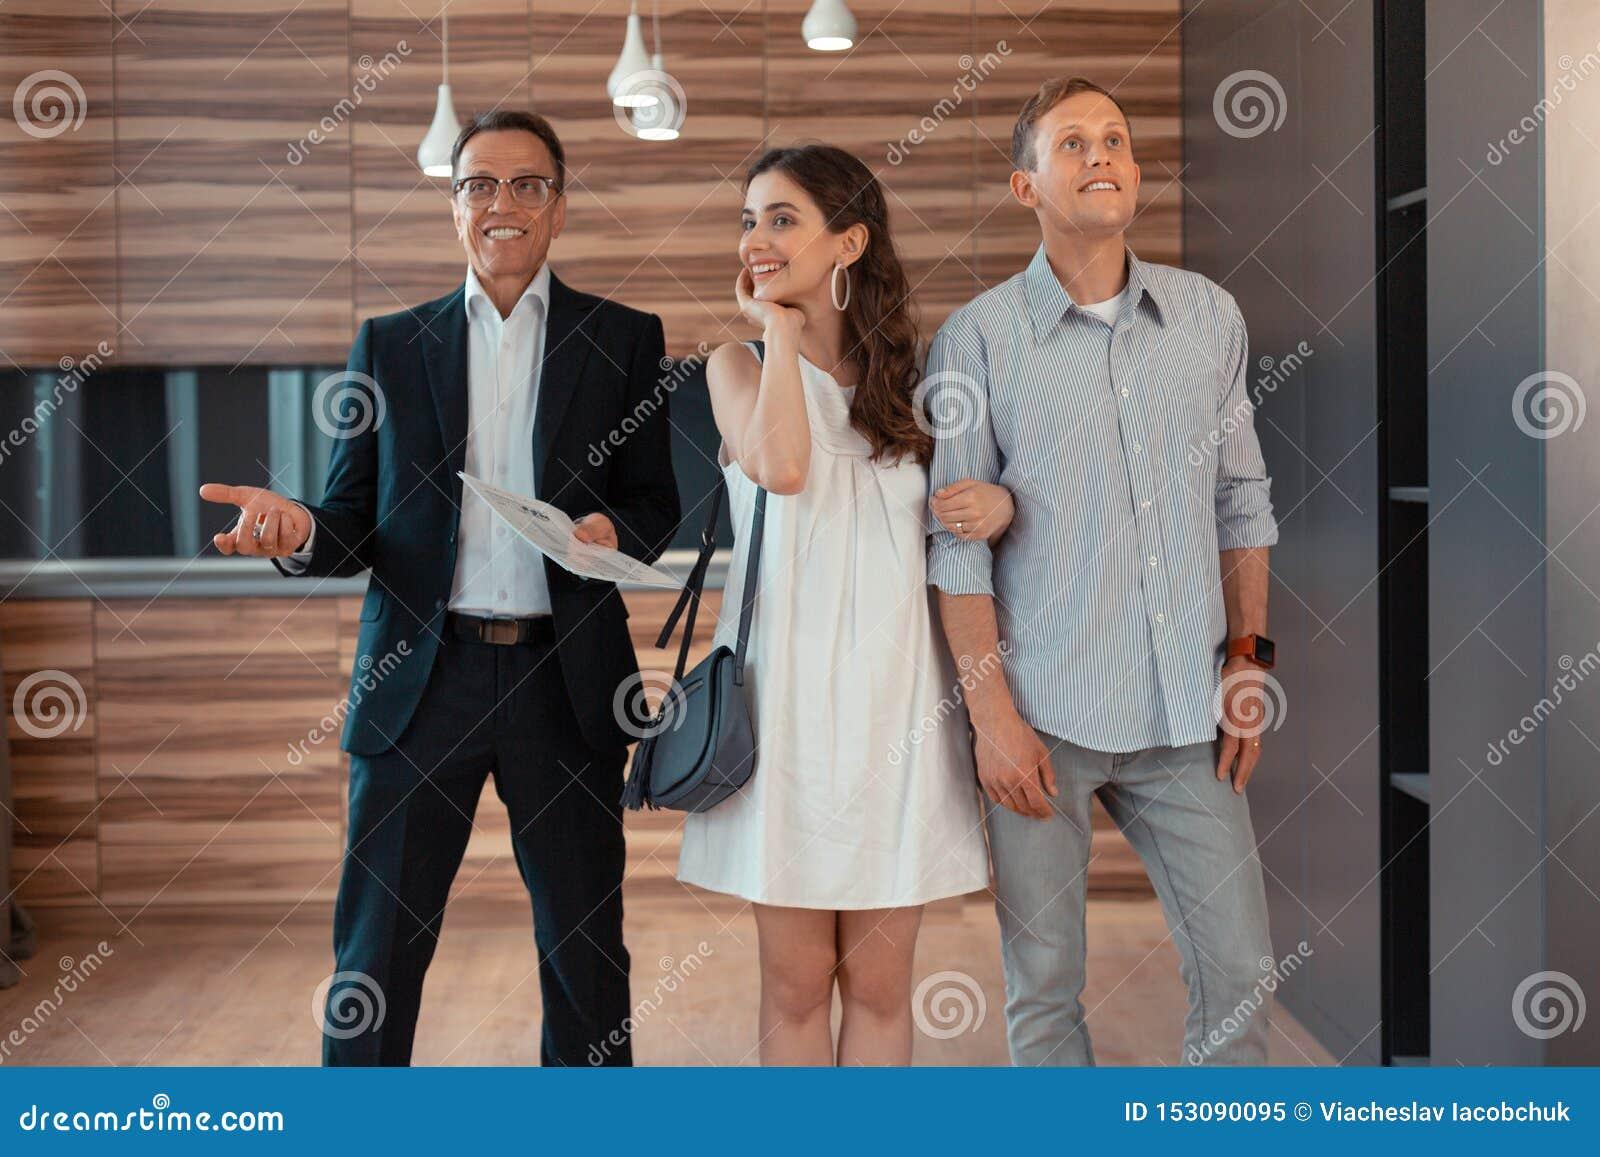 Apenas posição da casa da compra do casal perto do mediador imobiliário